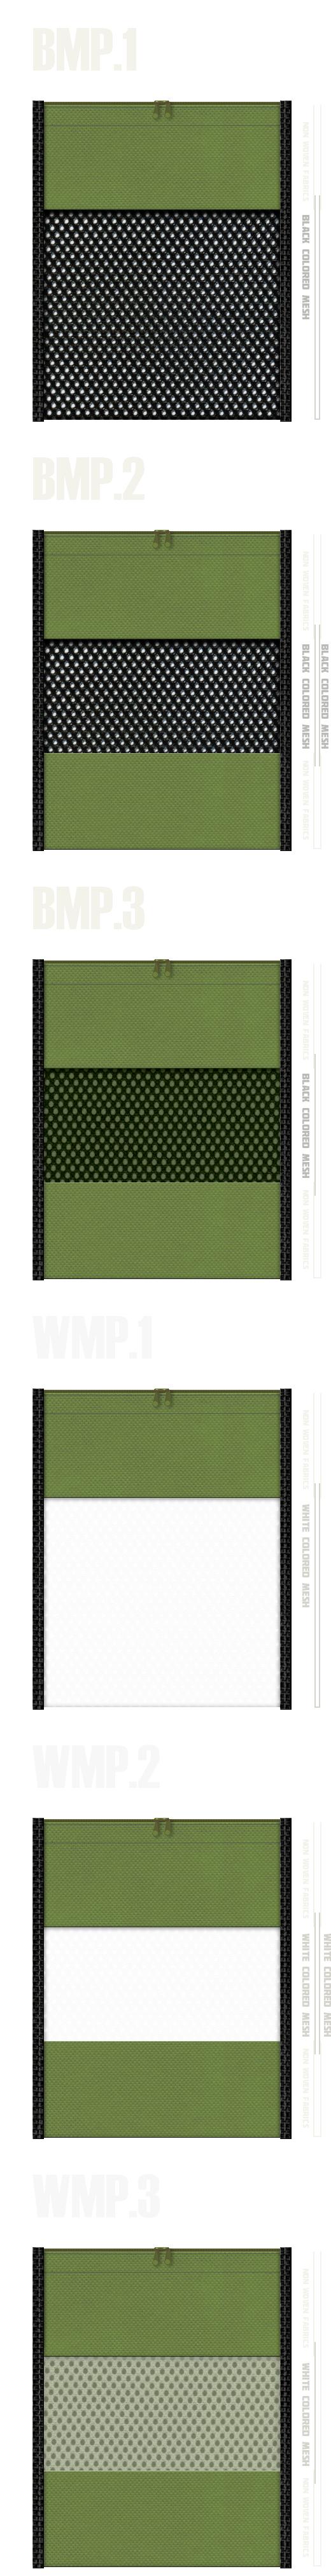 メッシュポーチのカラーシミュレーション:黒色・白色メッシュと草色不織布の組み合わせ